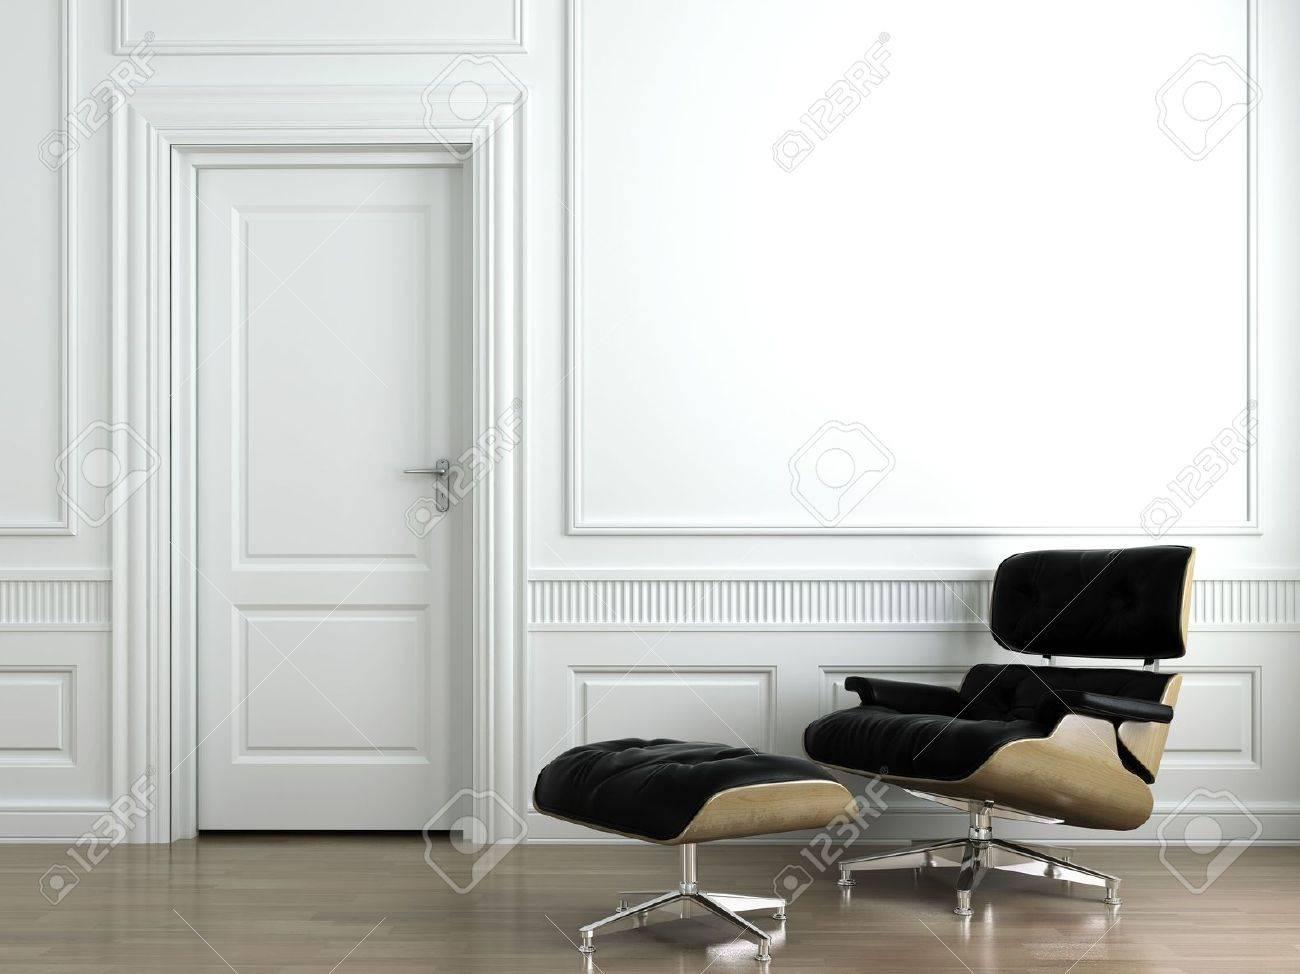 Klassiek Wit Interieur : D scène van lederen fauteuil op wit klassiek interieur muur dit